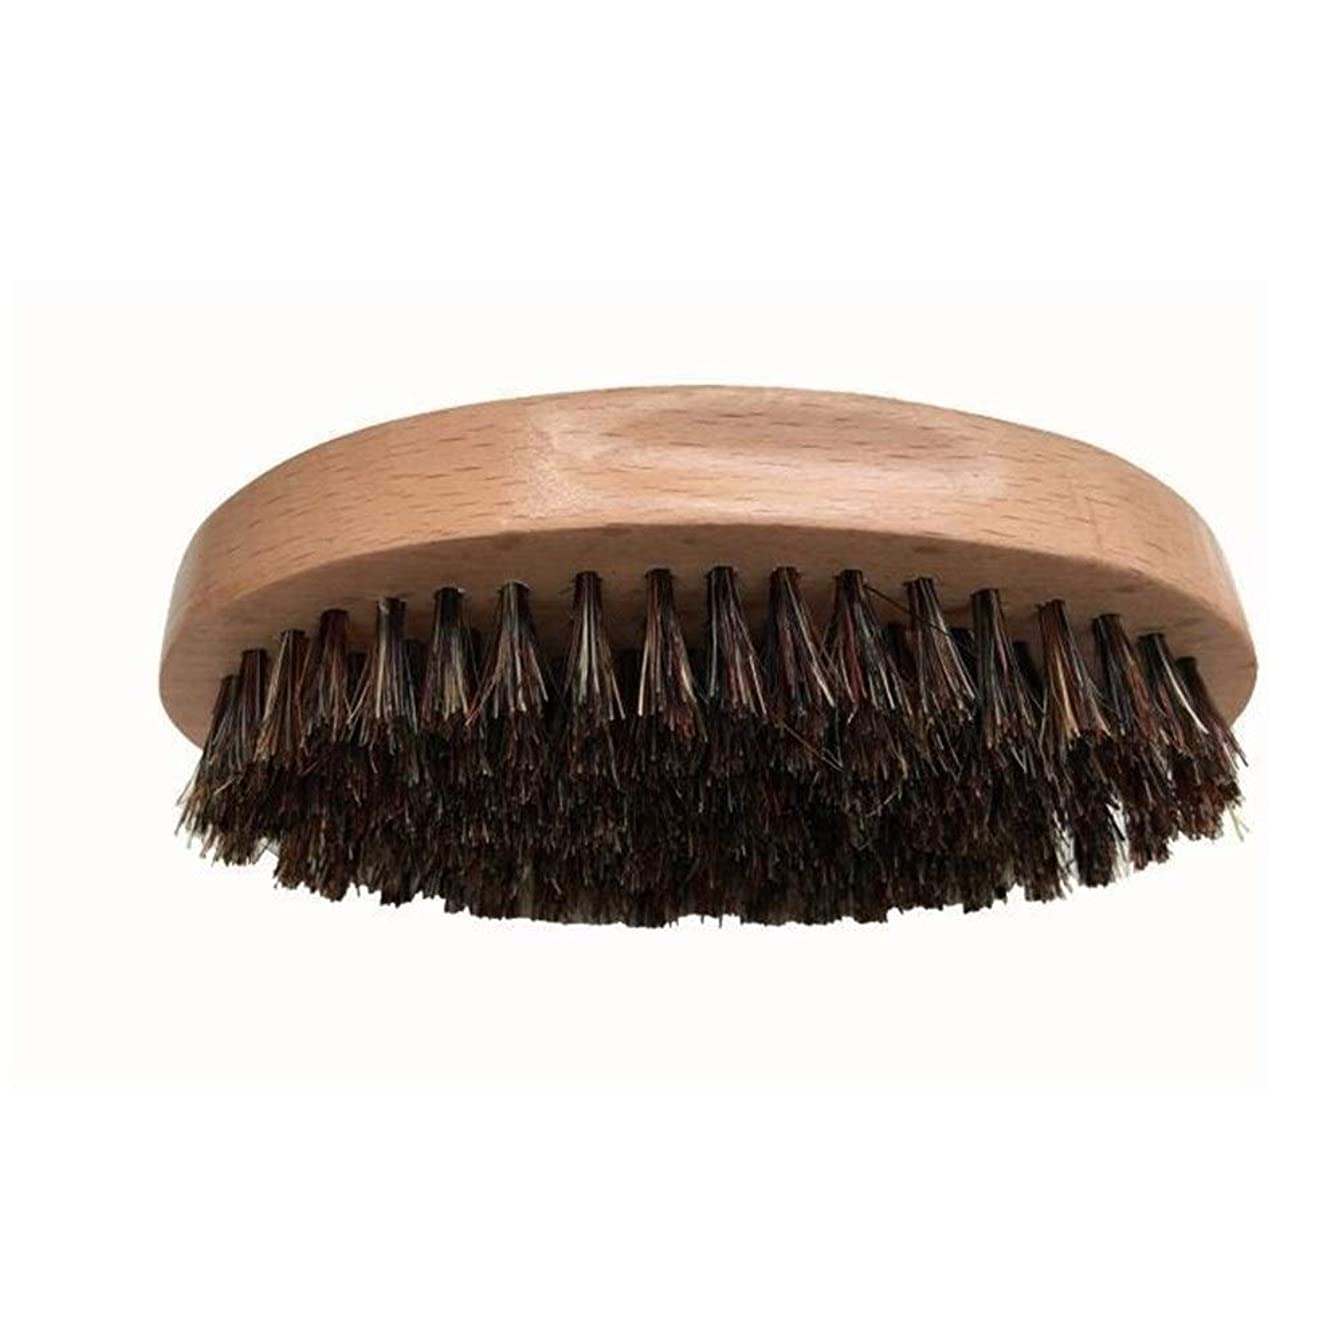 メンター幾分執着シェービングブラシ 男性 口ひげ ひげブラシ ラウンド櫛 メンズシェービングツール 理容 洗顔 髭剃り 泡立ち